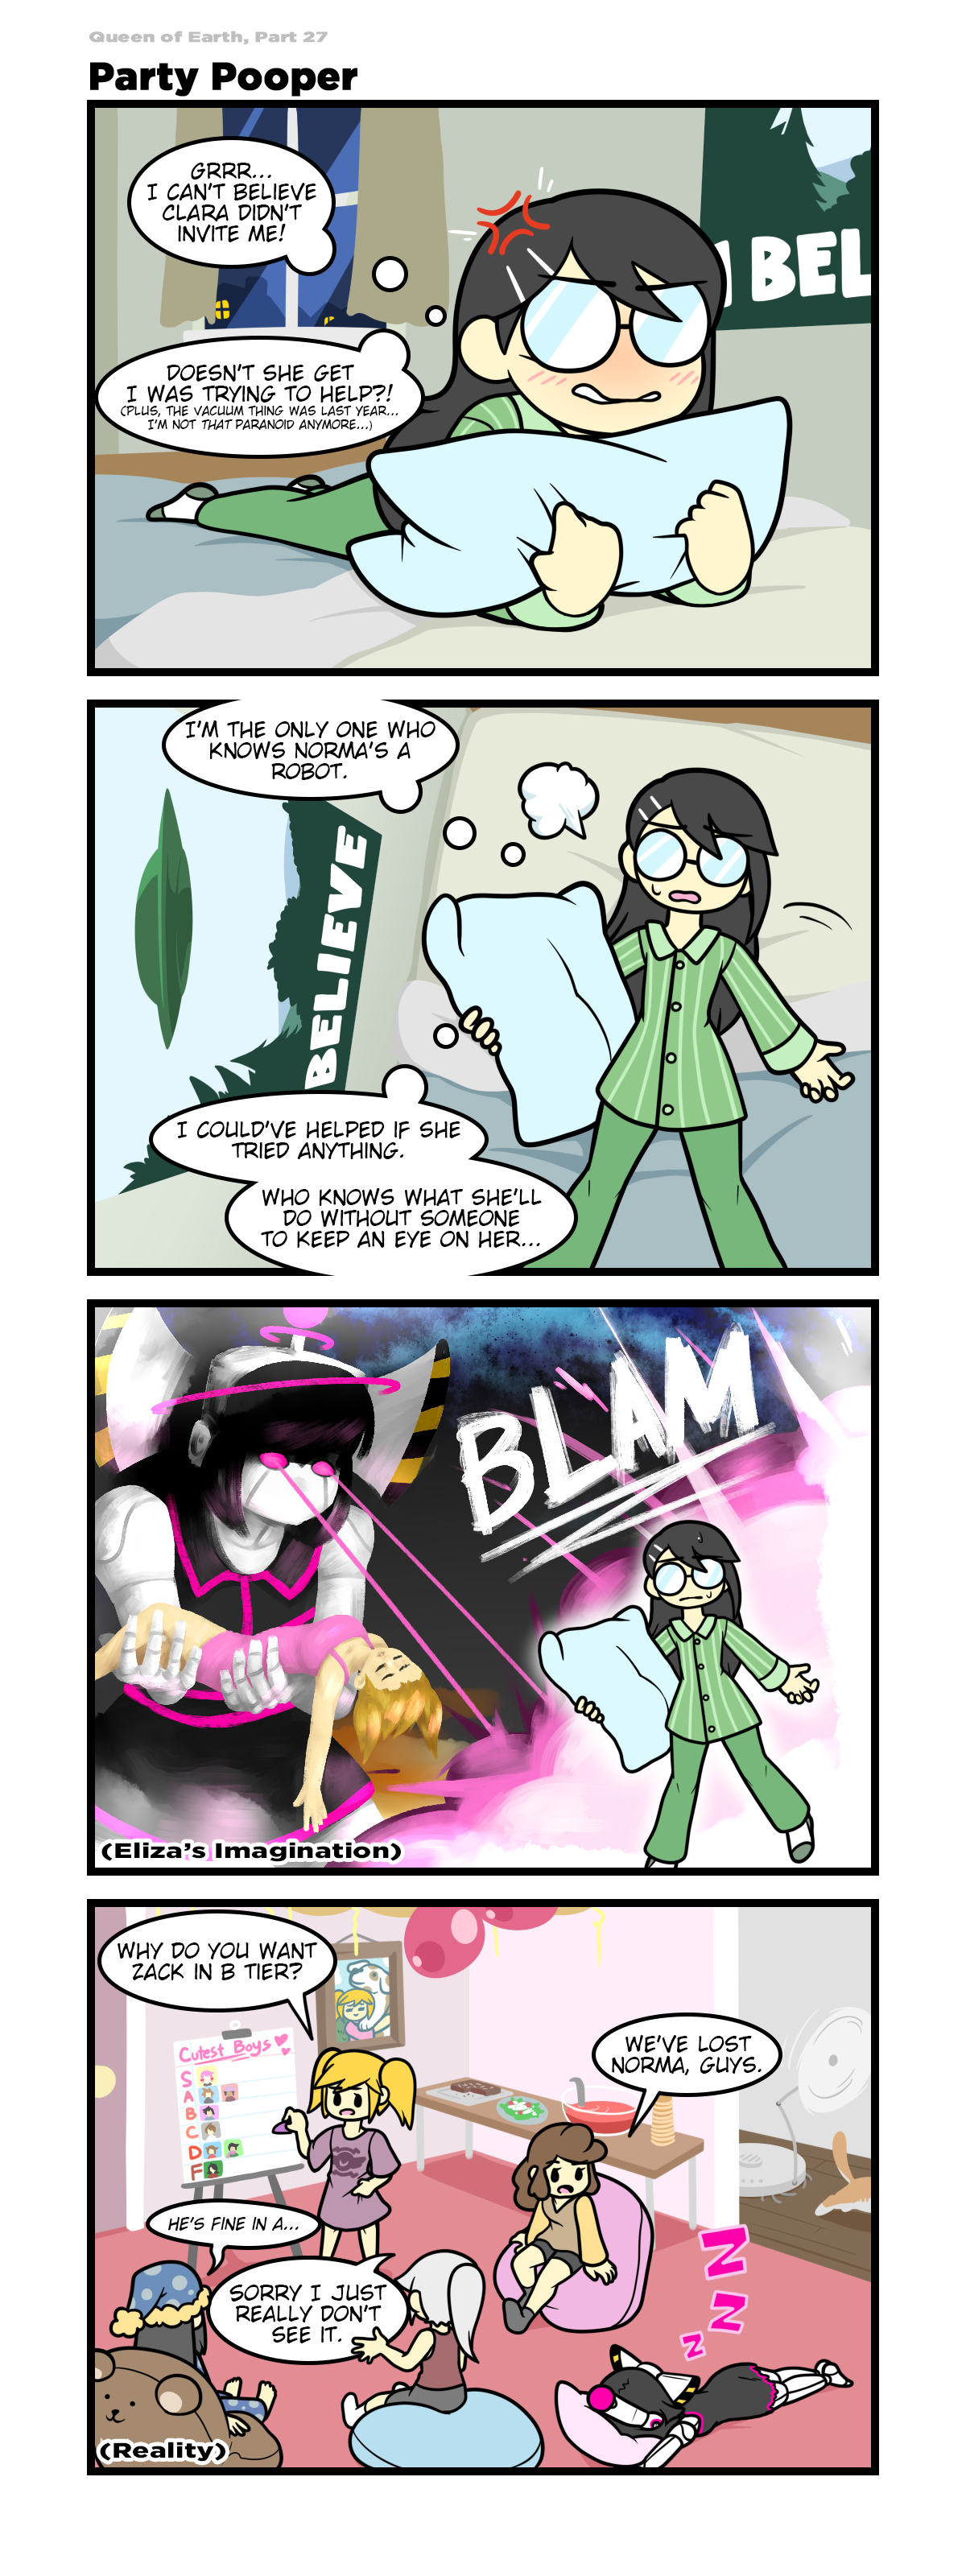 Queen of Earth - Party Pooper